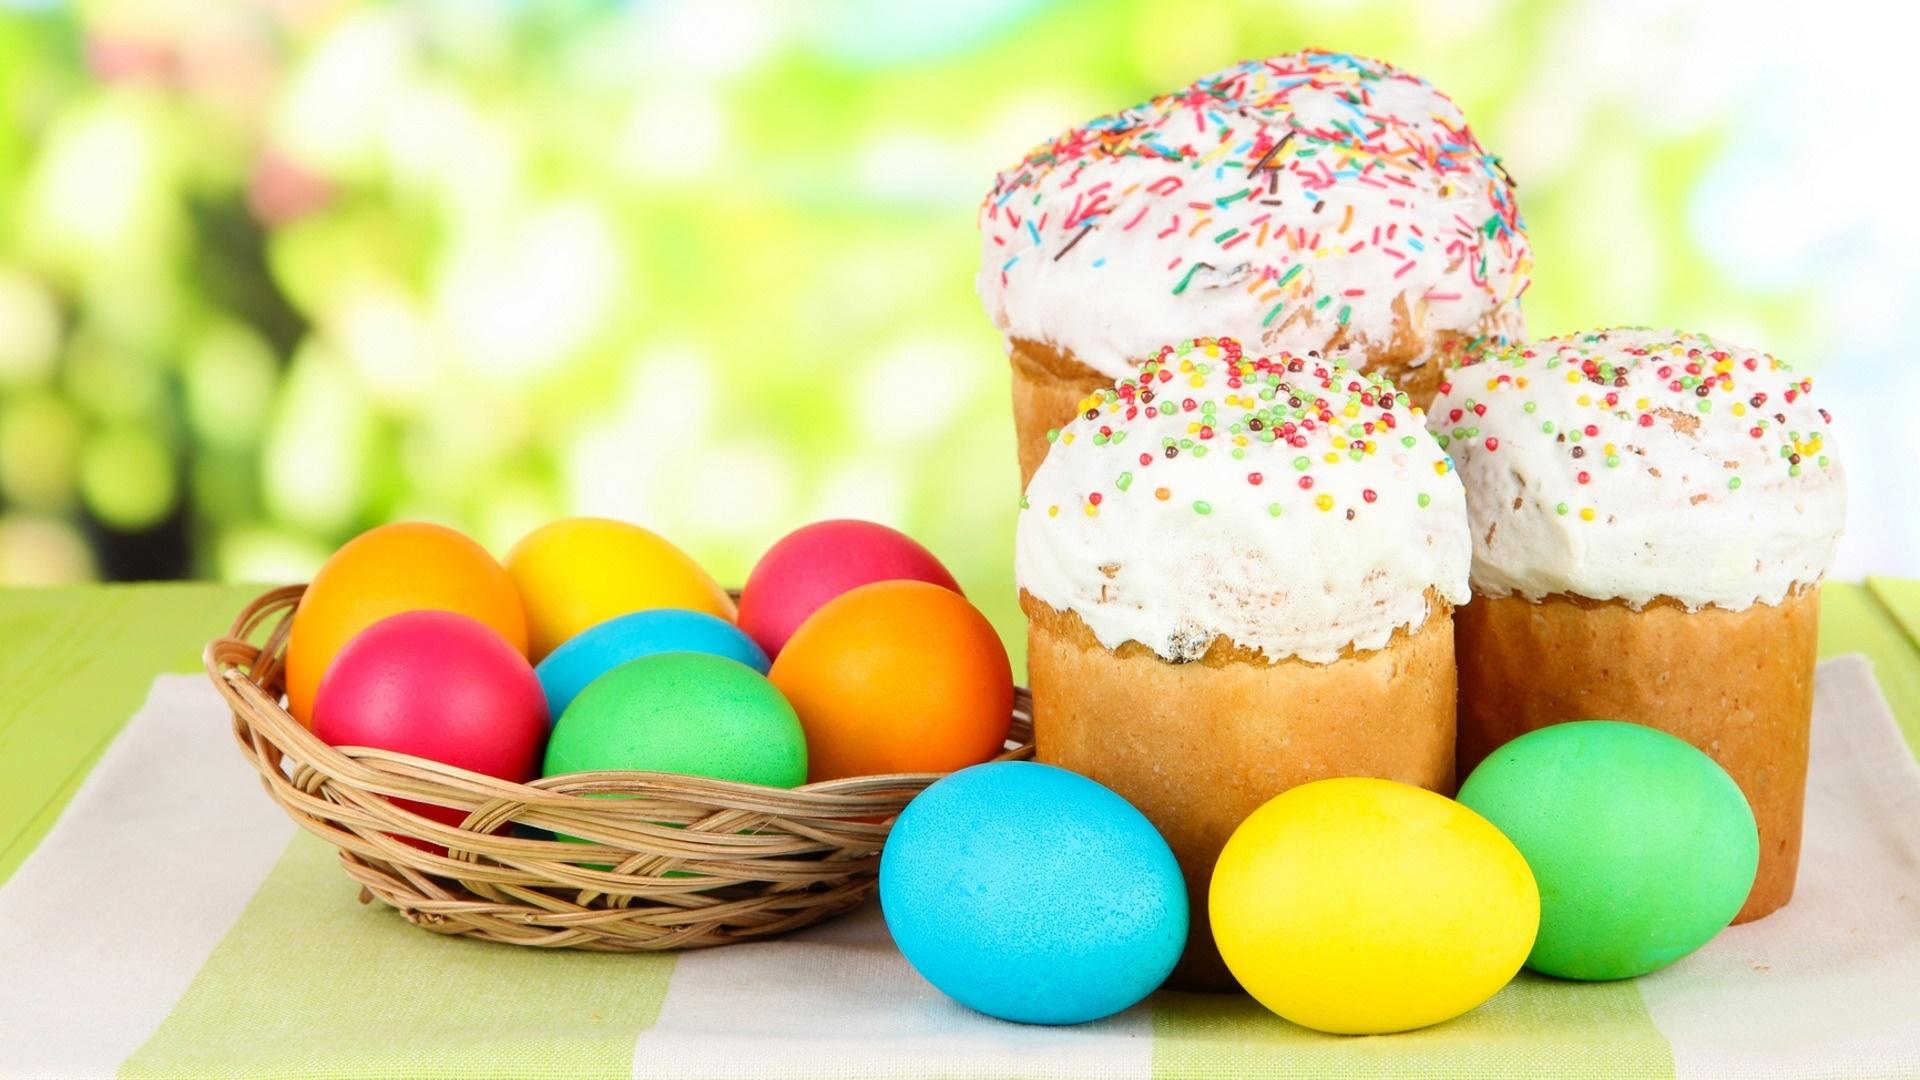 Easter Cake Wallpaper